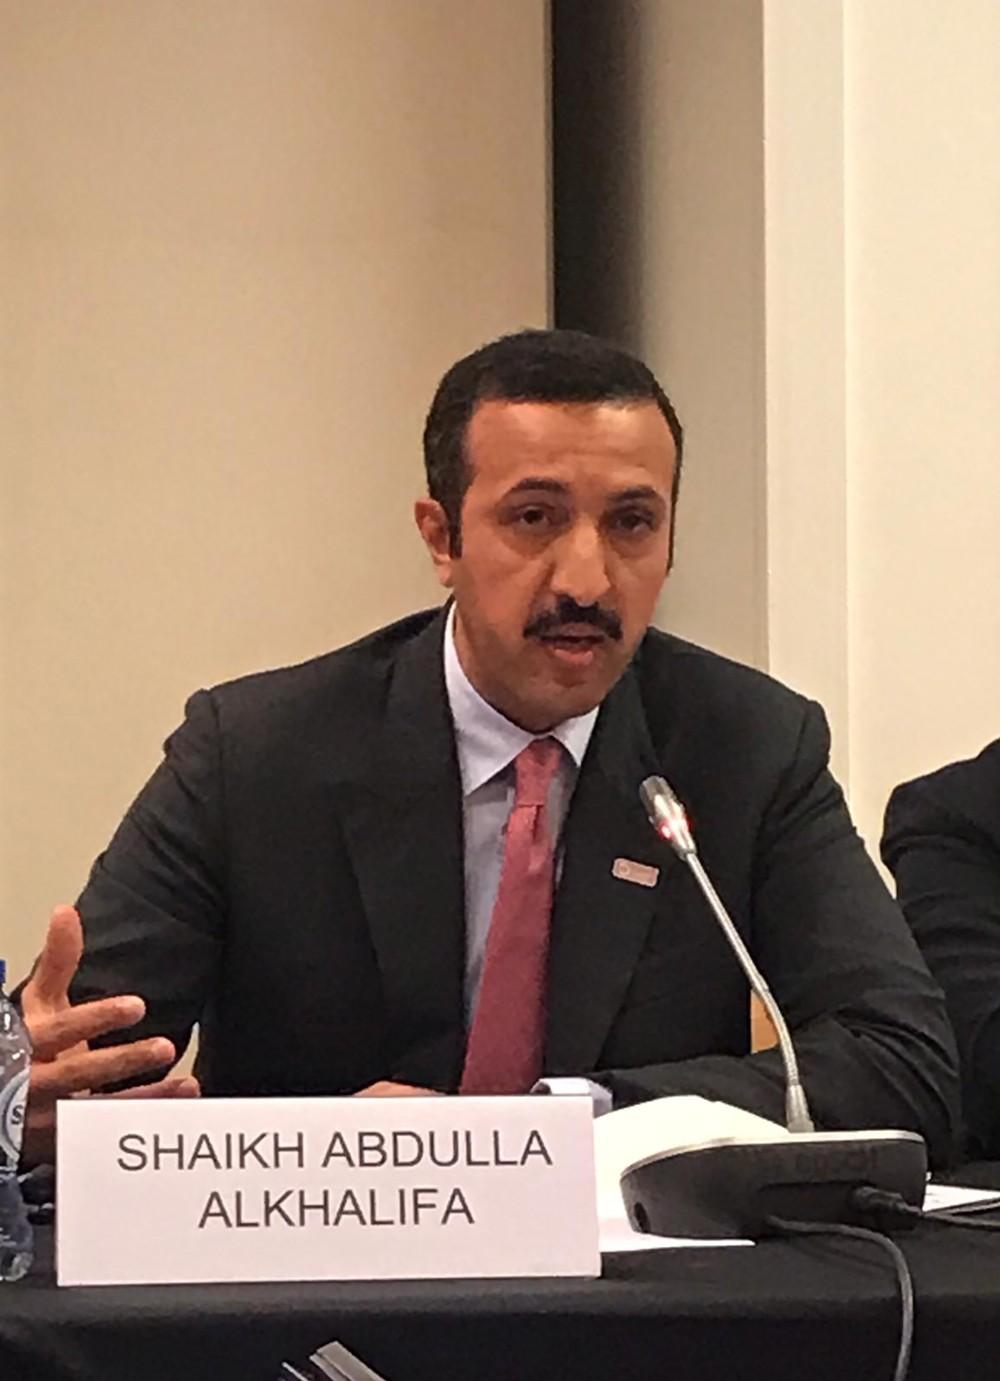 الشيخ عبدالله بن أحمد يشارك في القمة العالمية لمراكز الفكر ببروكسل